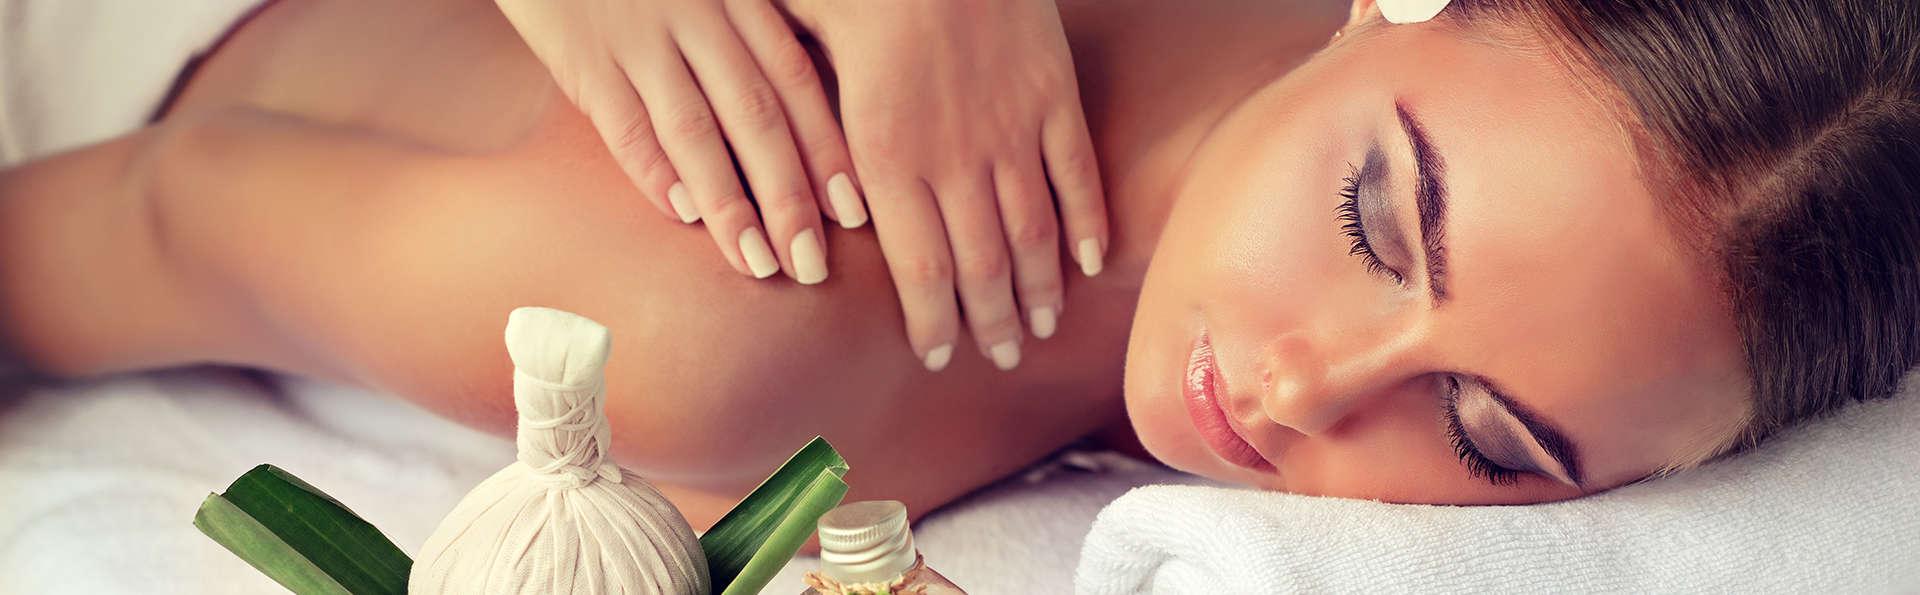 Desconexión total con spa y masaje en Sant Feliu de Guíxols